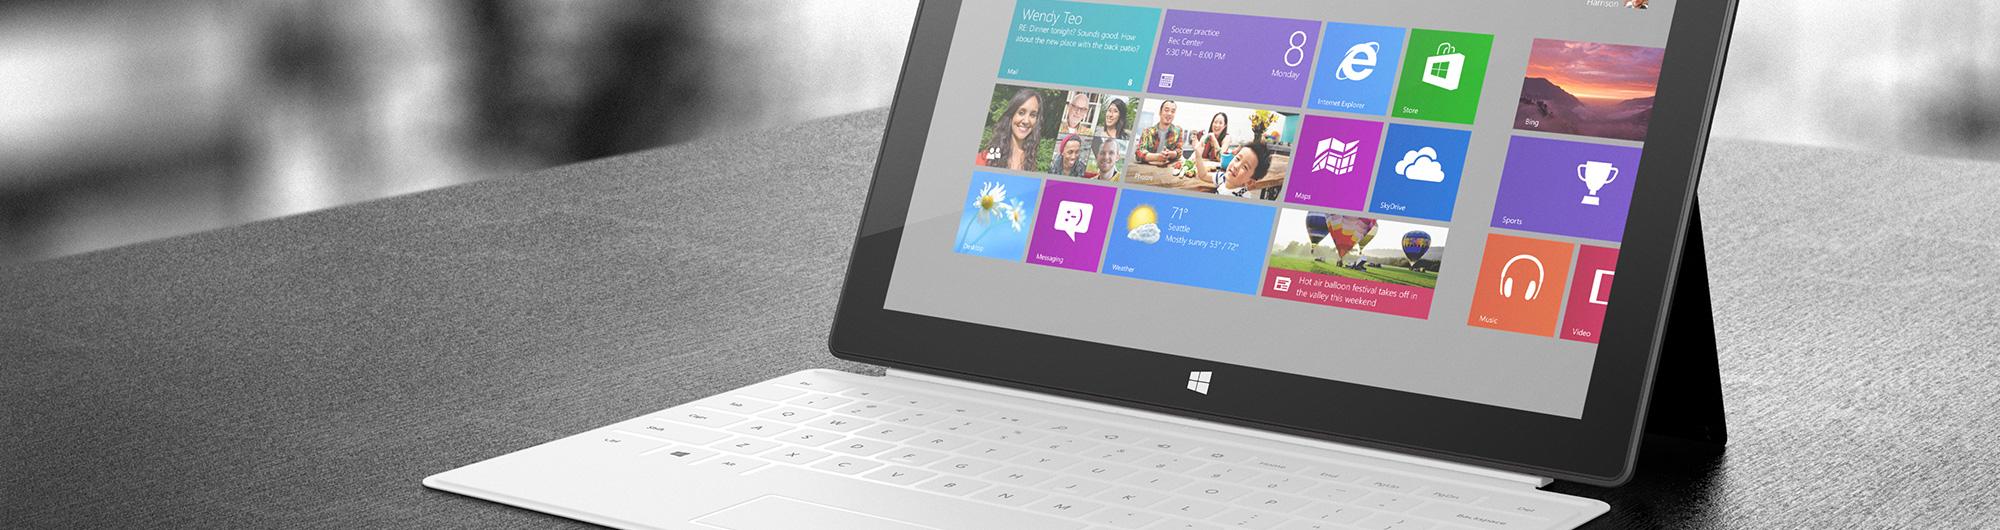 Microsoft Failure and Steve Ballmer fail to find success